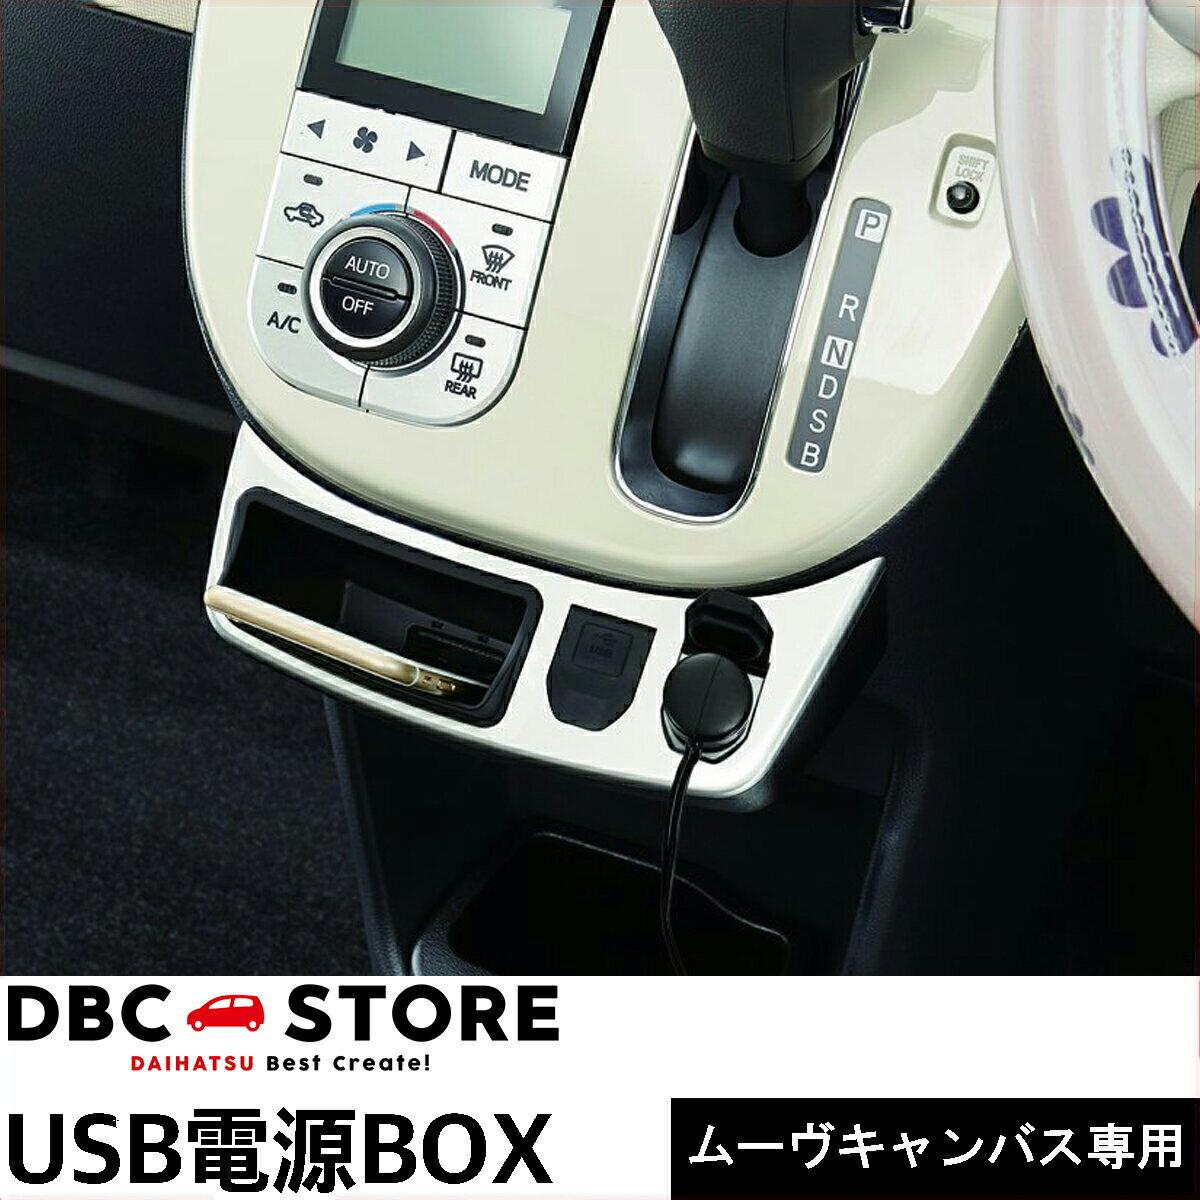 ダイハツ ムーヴ ムーブキャンバス 専用 USB電源BOX LA800S LA810S 車種専用 H28年9月〜 シガーソケット スマホ 充電 ダイハツ ムーヴ キャンバス(DAIHATSU Move canbus)専用 USB電源BOX